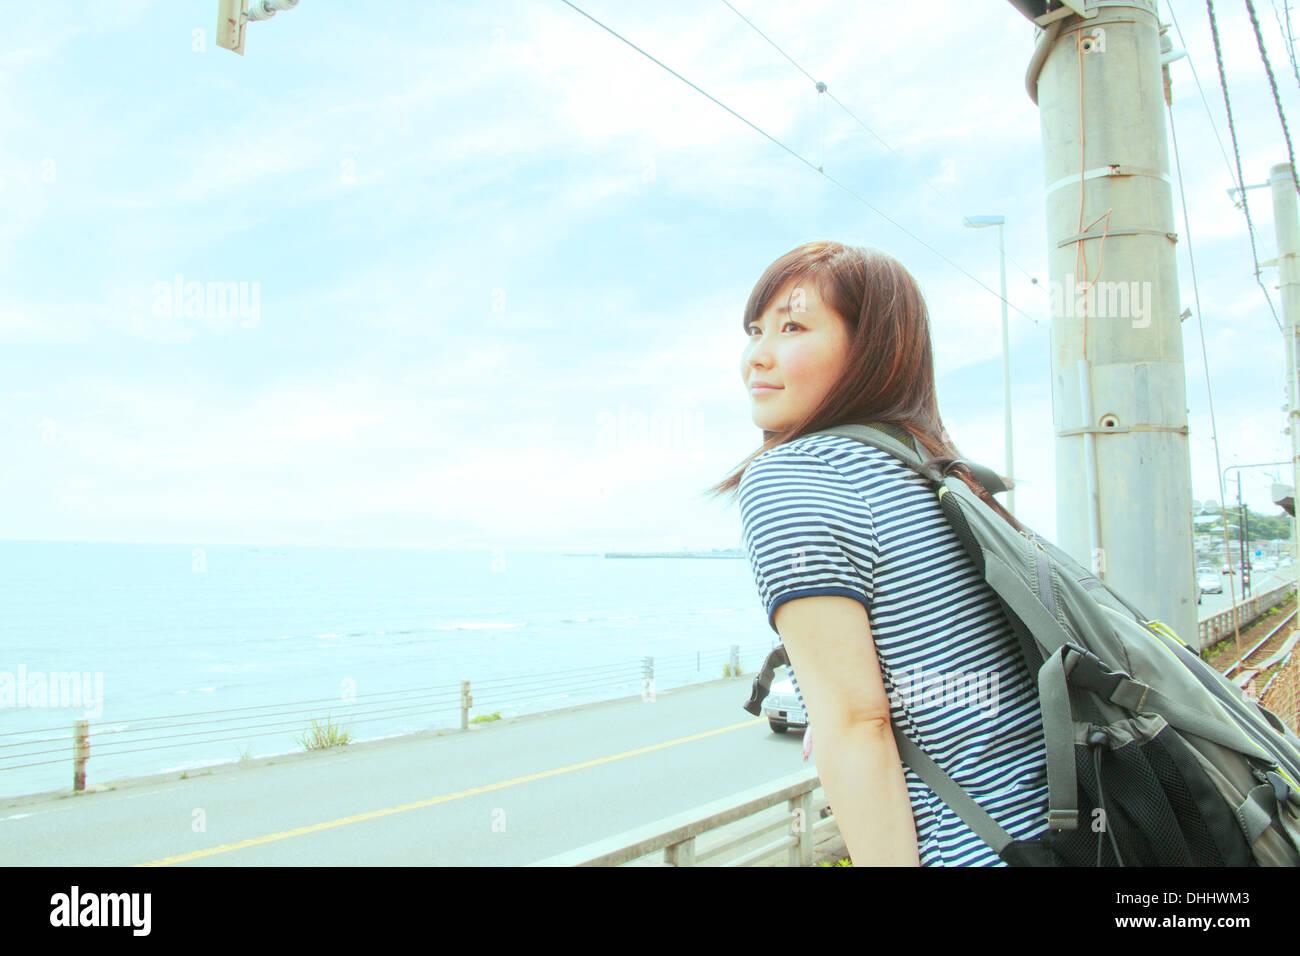 Mujer joven recostada contra la valla, mirando al mar Foto de stock